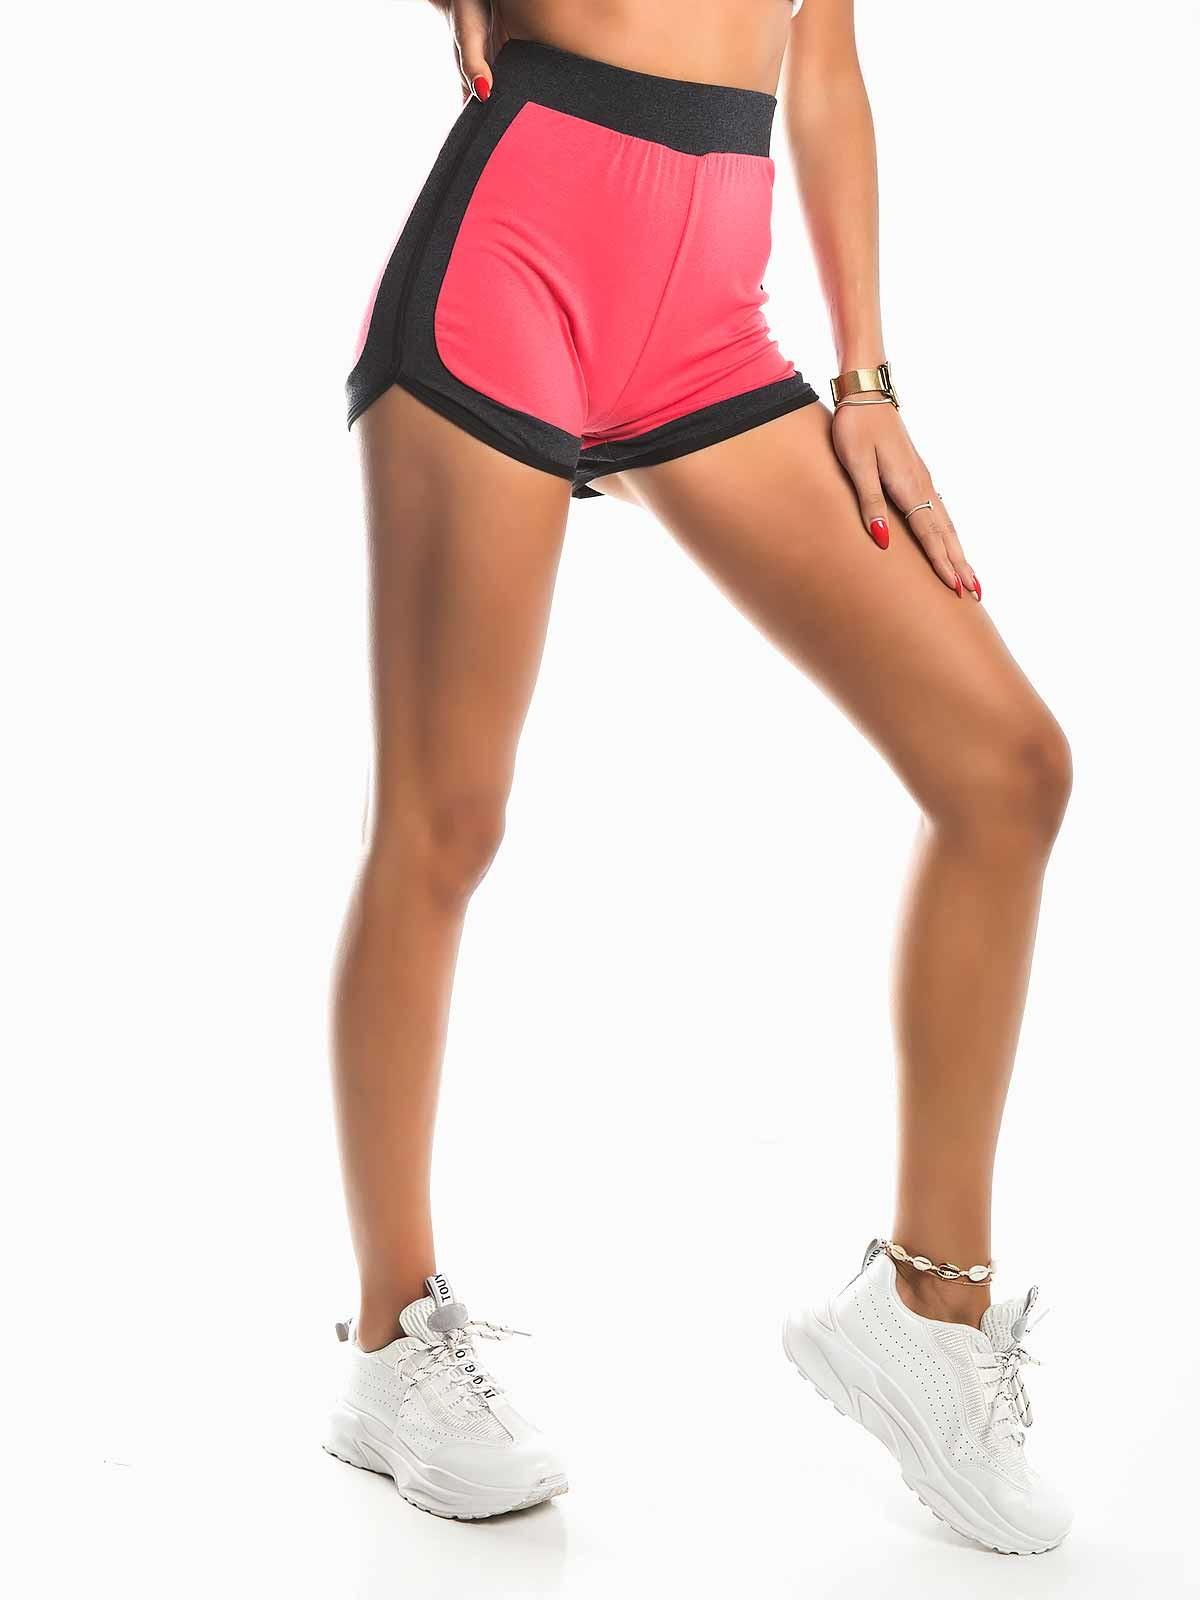 Calções fitness curtos